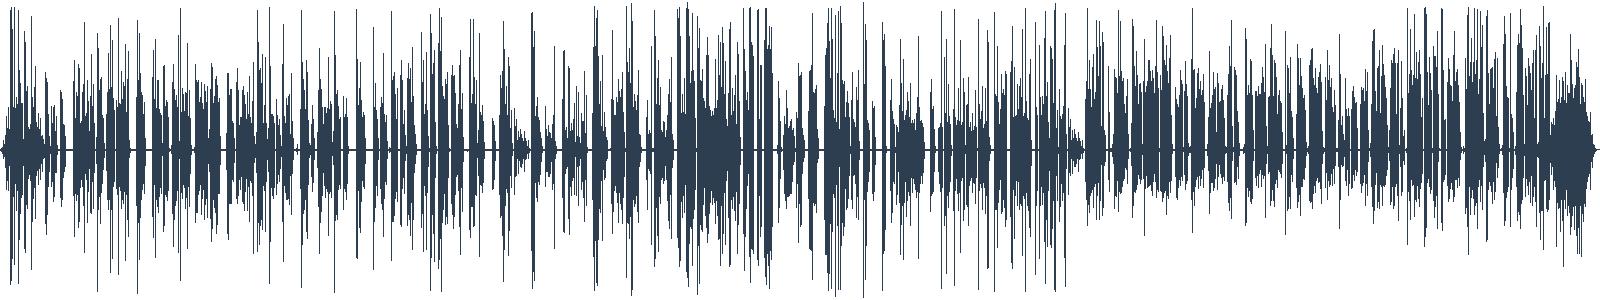 Všemi dary obdarovaná (ukázka z audioknihy) waveform